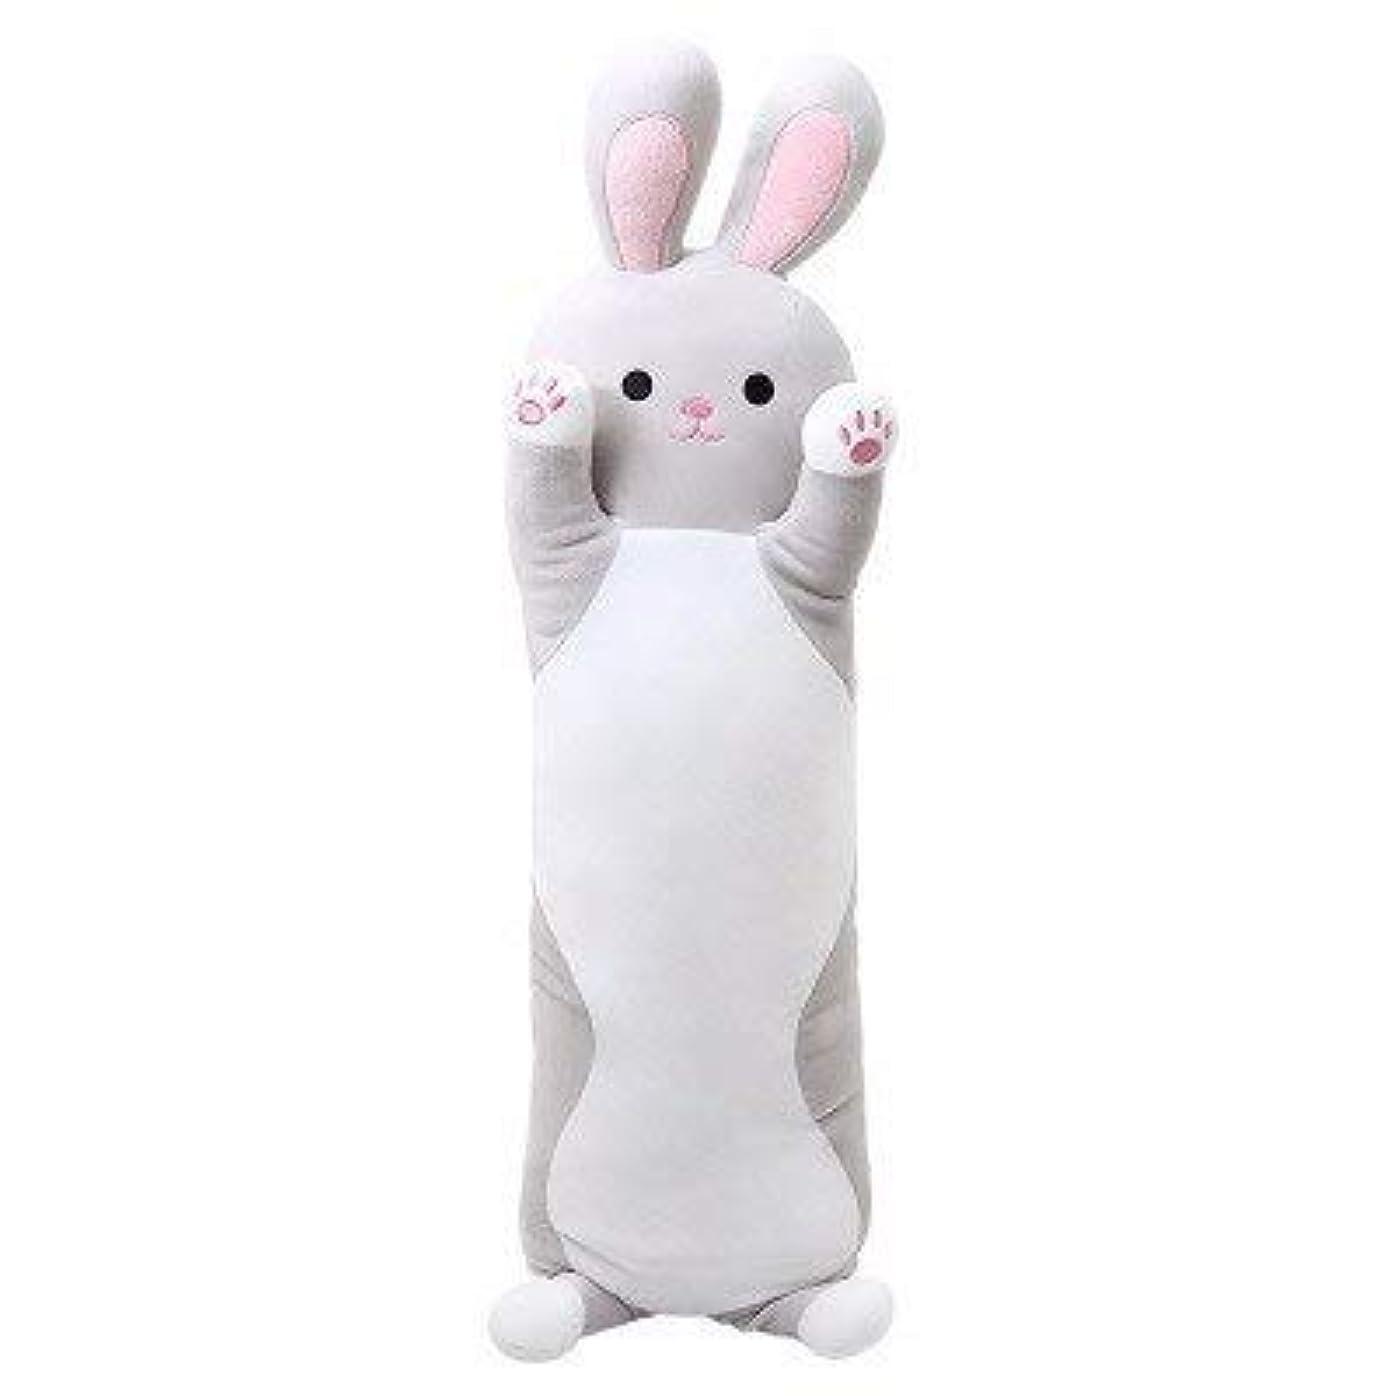 予測するバラエティファシズムLIFE センチメートルウサギのぬいぐるみロング睡眠枕を送信するために女の子 Almofada クッション床 Coussin Cojines 装飾 Overwatch クッション 椅子